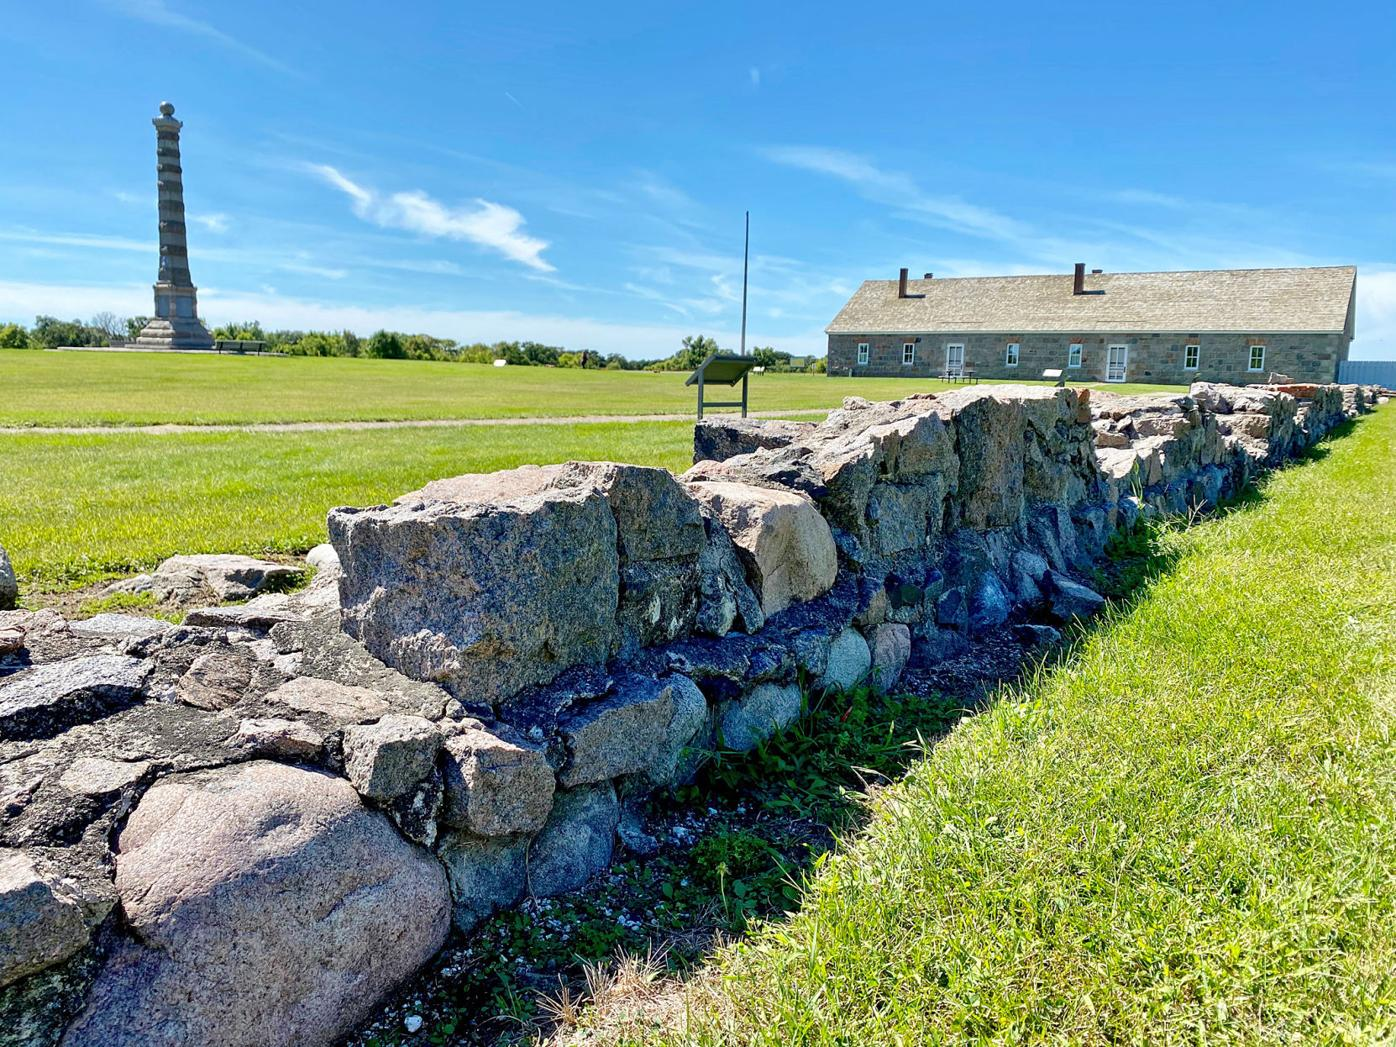 Fort Ridgely